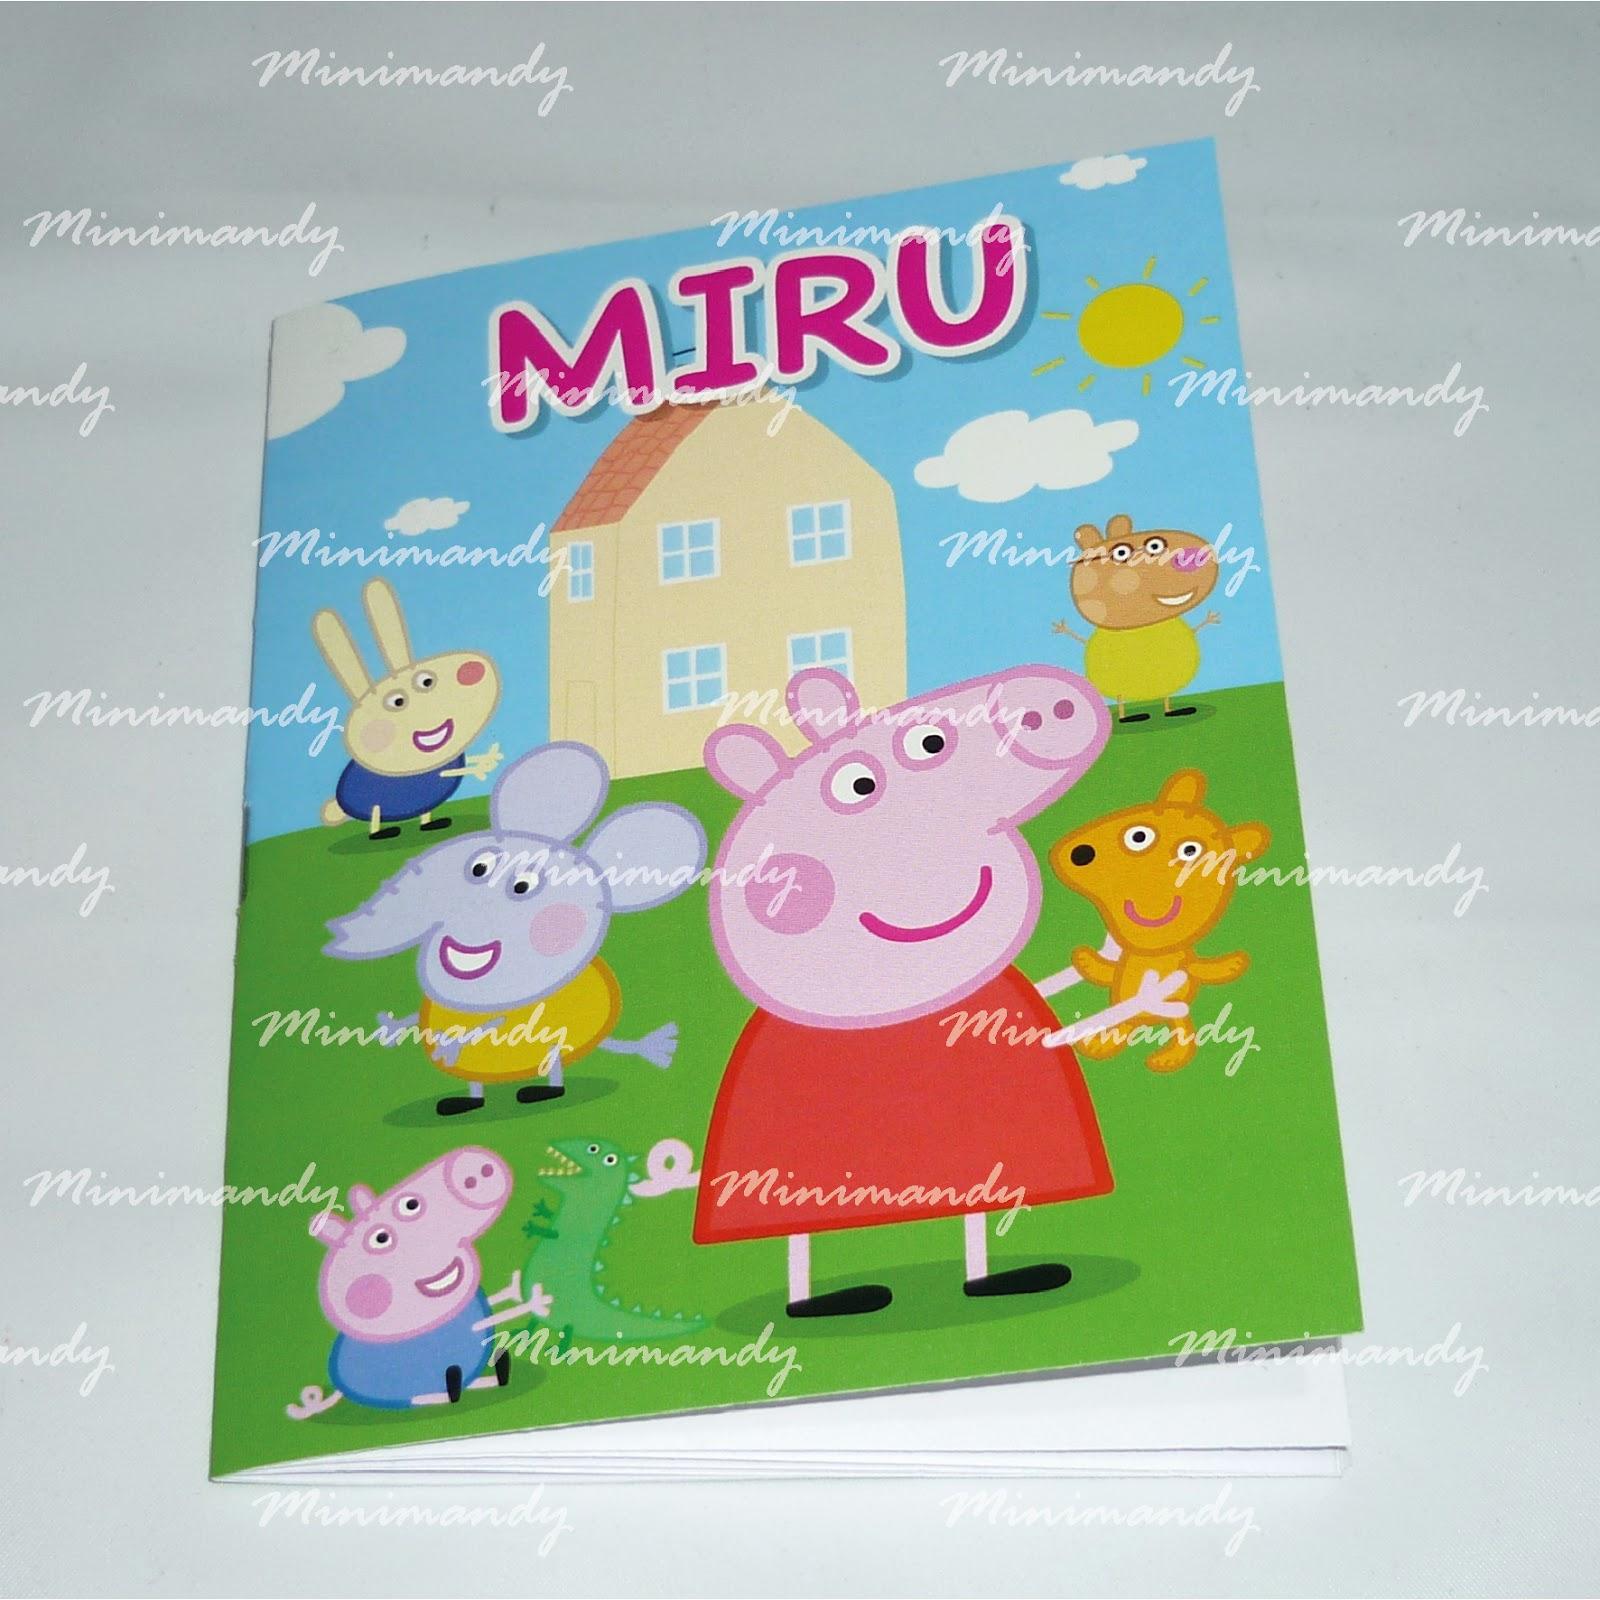 MinimandySign: Libros para colorear personalizados - Peppa Pig